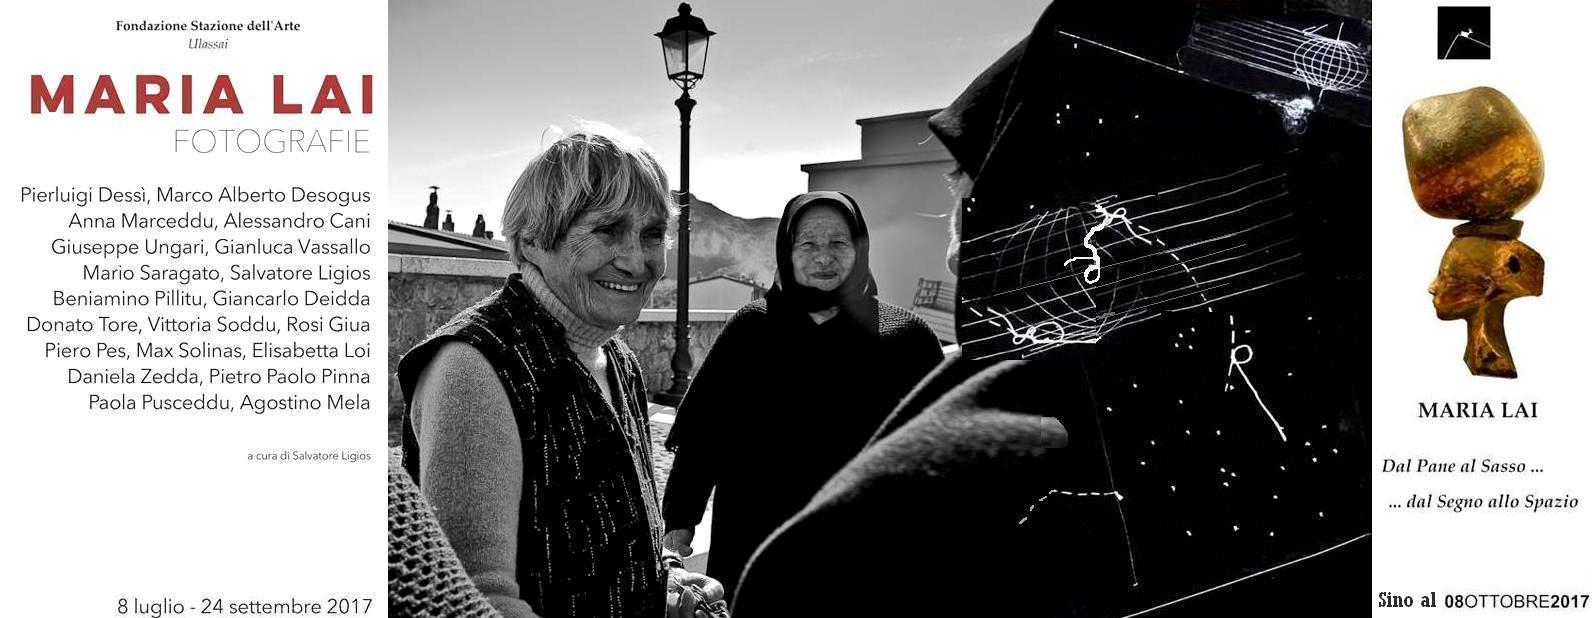 """La Stazione dell'Arte di Ulassai ospita la mostra fotografica """"Maria Lai. Fotografie. 20 fotografi raccontano""""Mostra visitabile a Ulassai presso Stazione dell'Arte fino al 24 settembre 2017"""